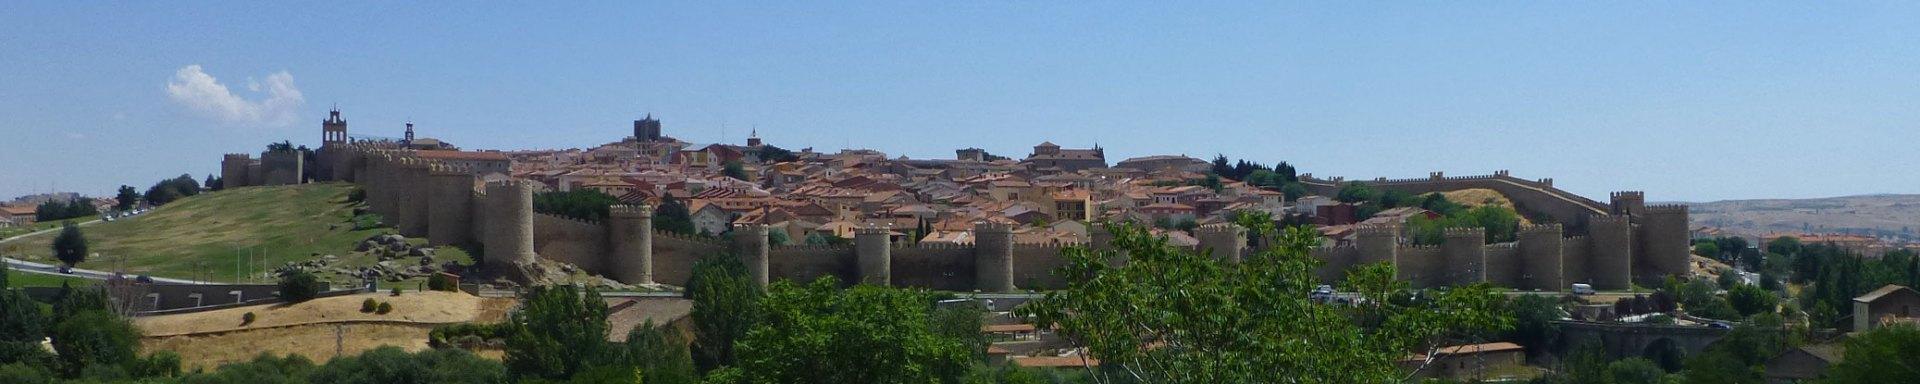 Guía turística con toda la información necesaria para visitar Ávila